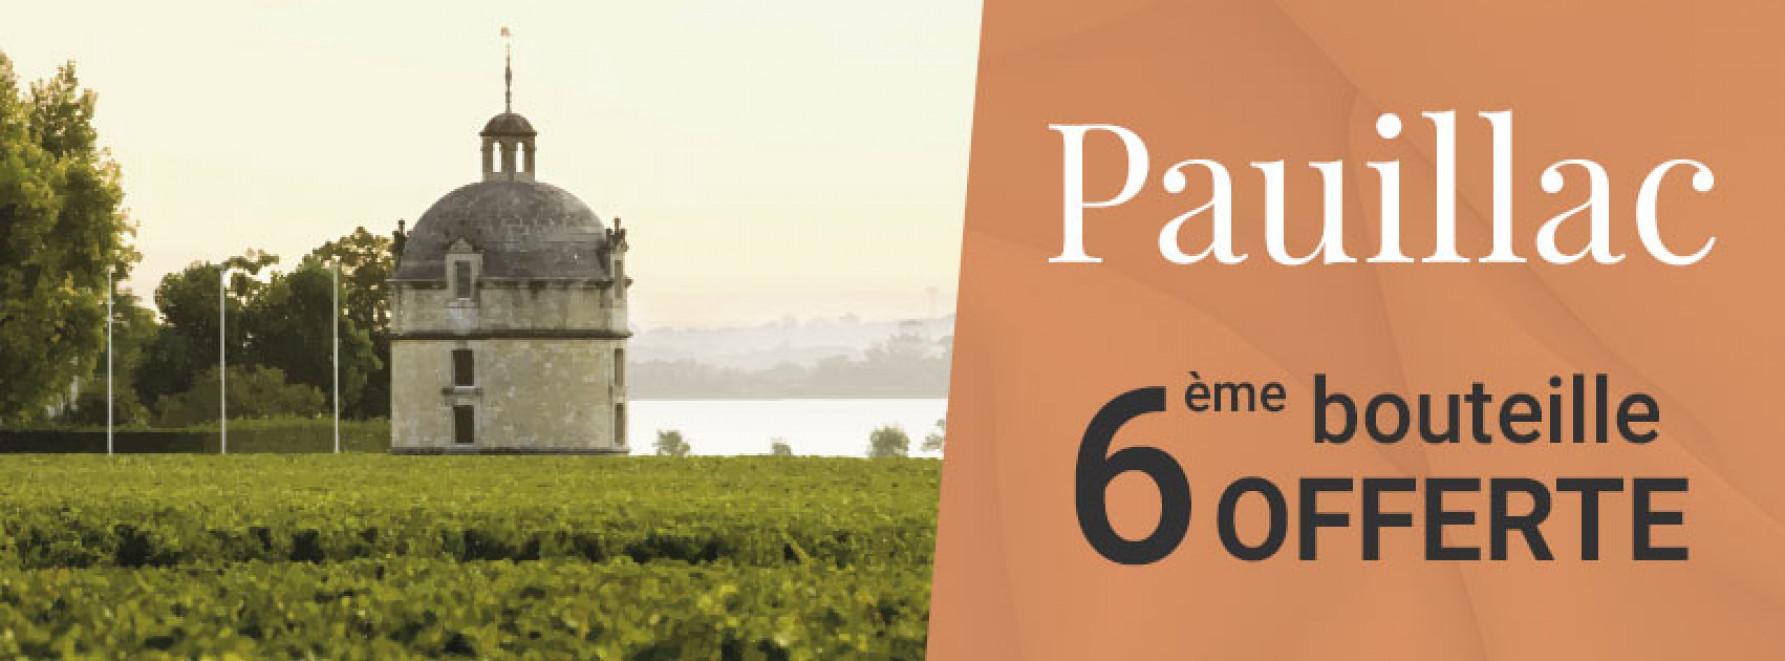 Vins de Pauillac = 6ème bouteille OFFERTE